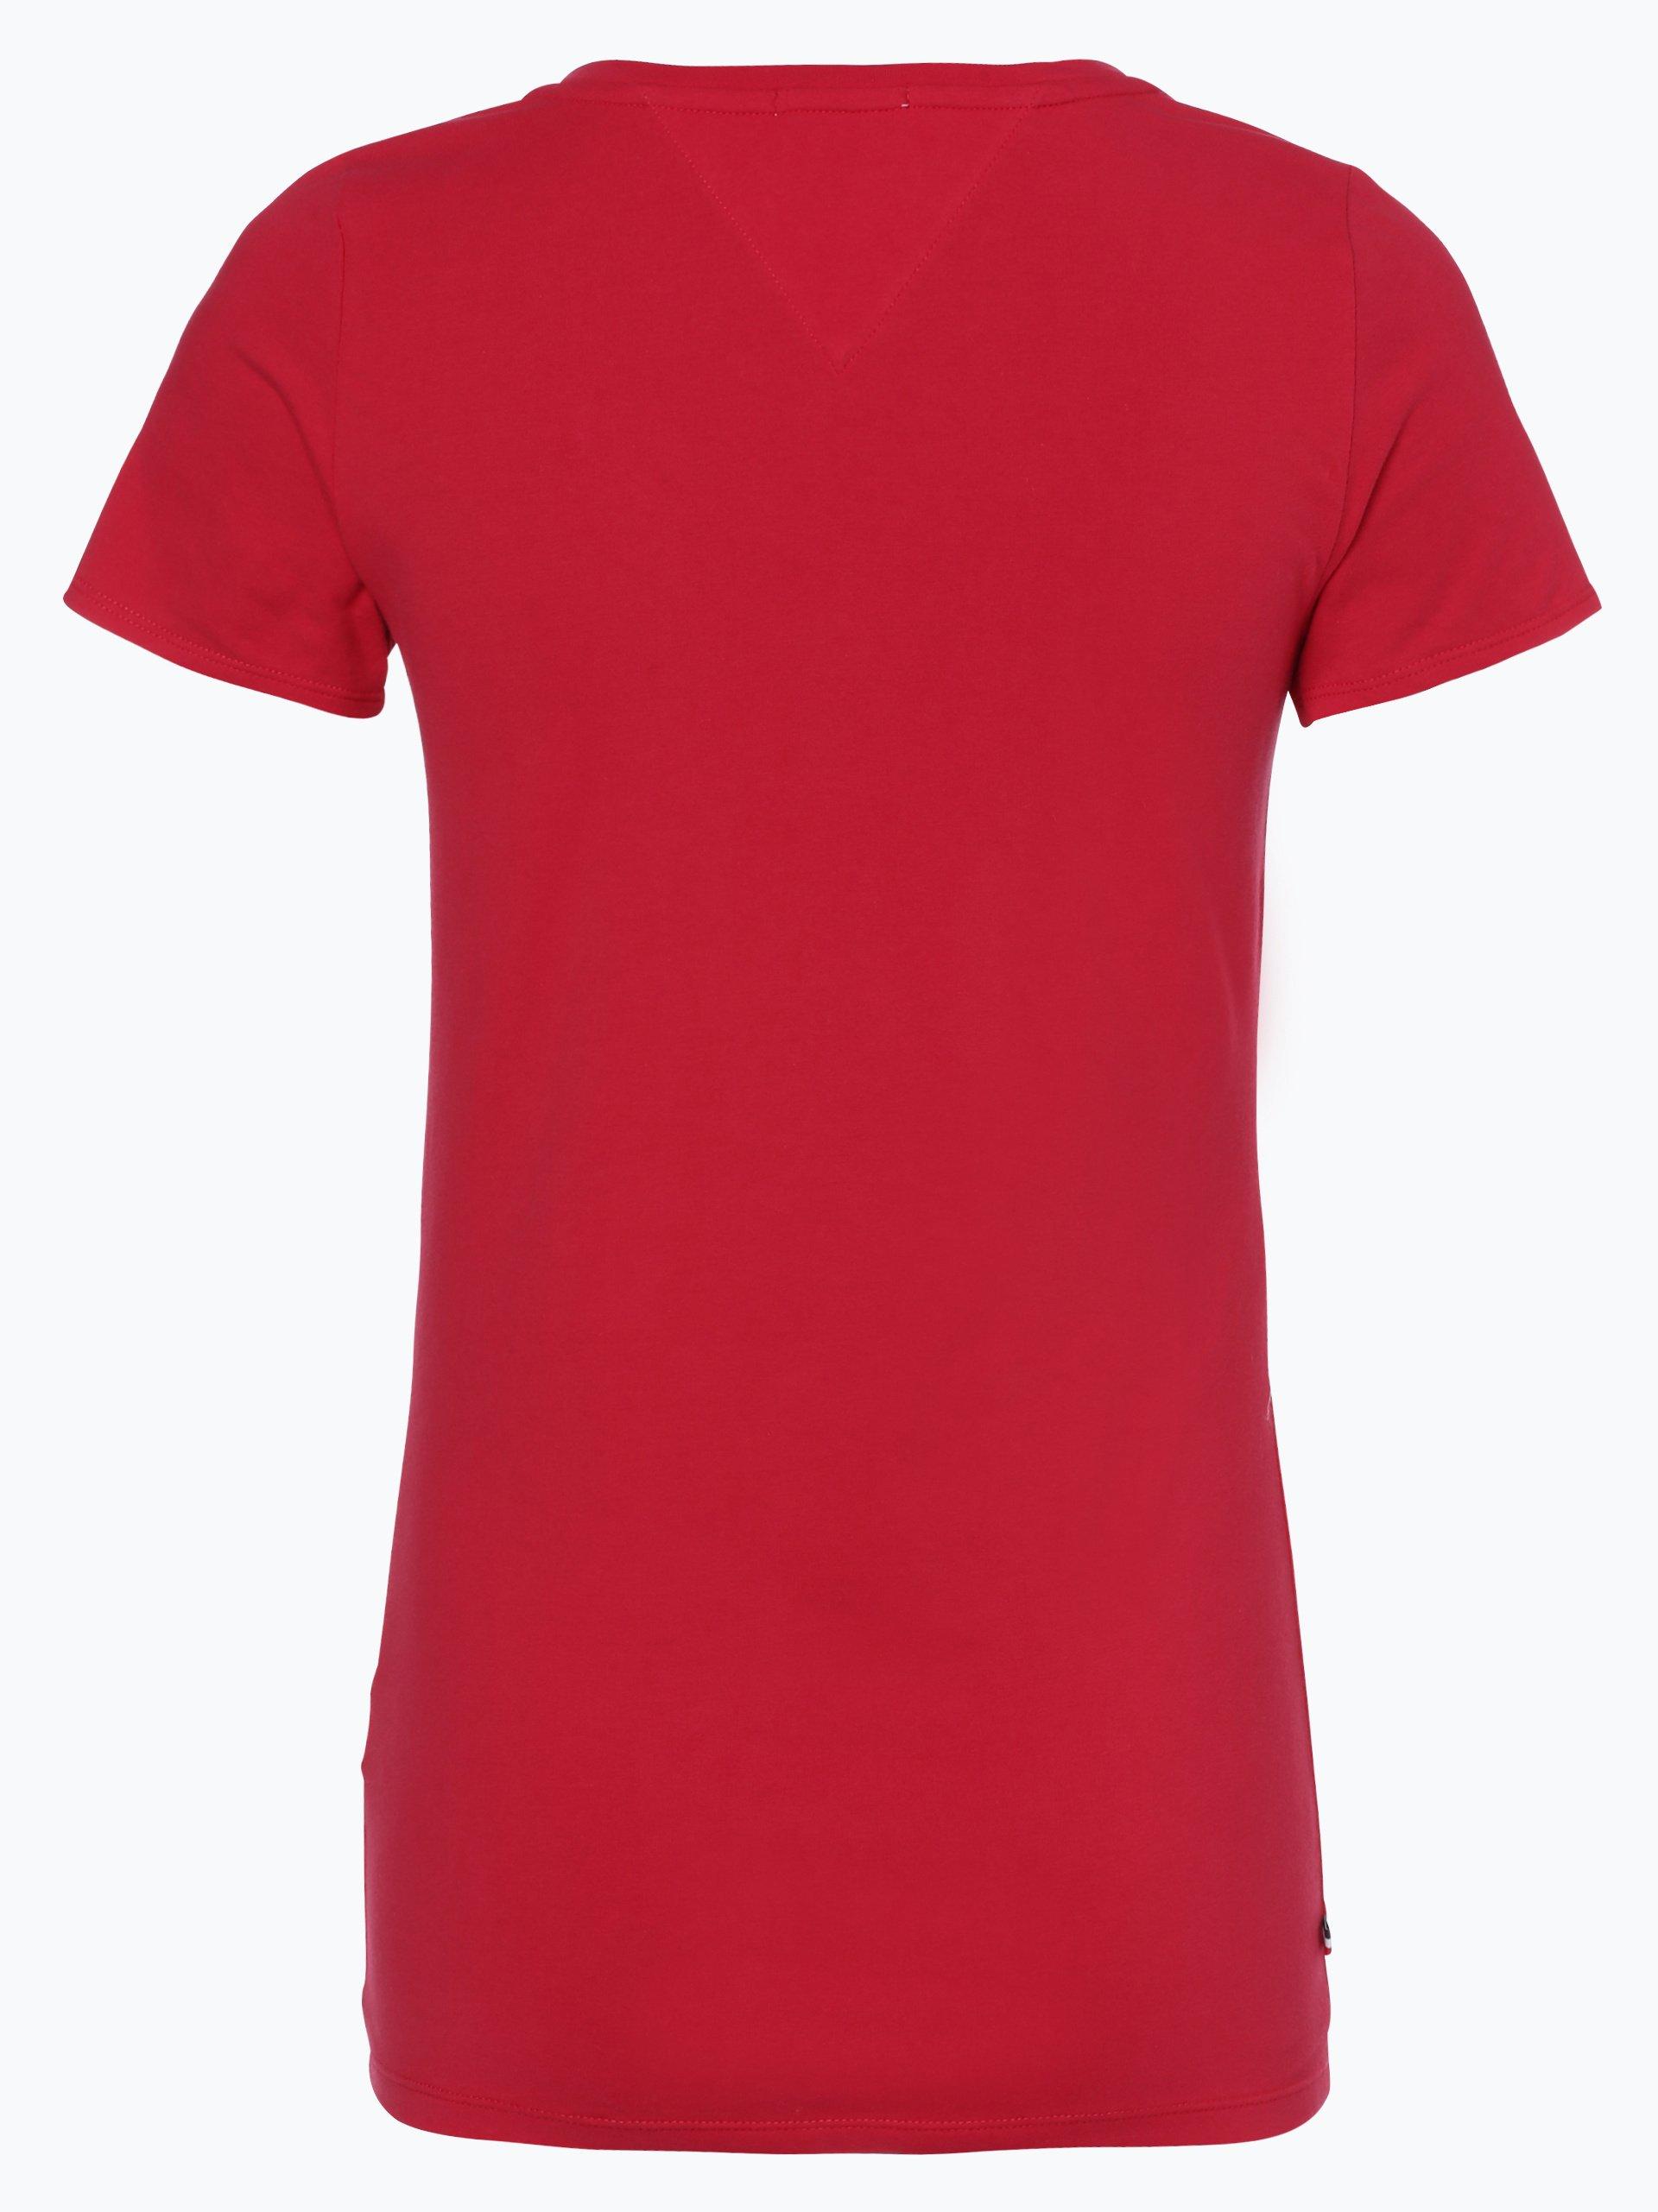 tommy jeans damen t shirt rot uni online kaufen vangraaf com. Black Bedroom Furniture Sets. Home Design Ideas